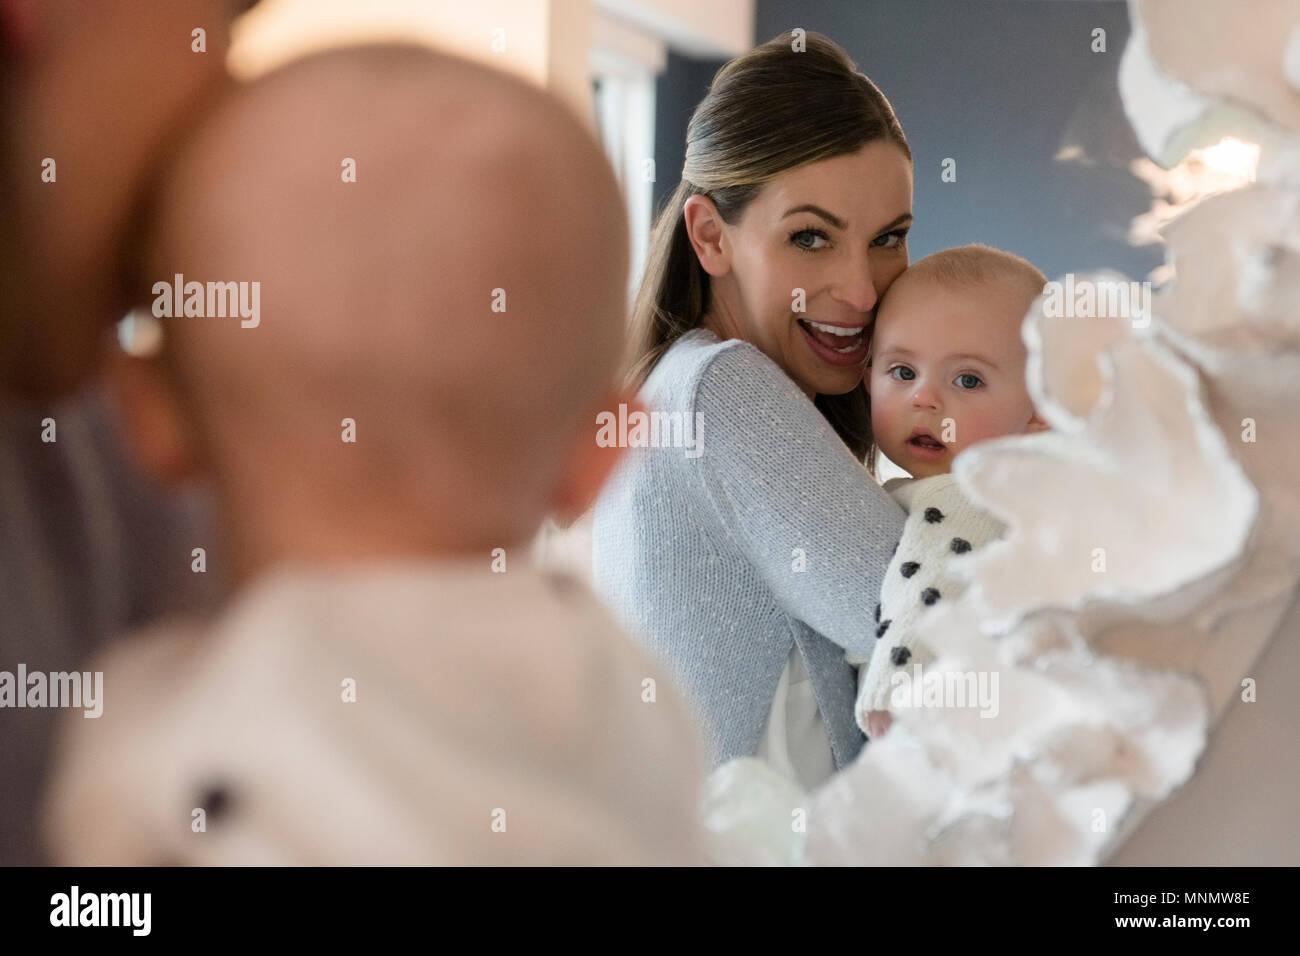 Madre sosteniendo bebé (18-23 meses) delante del espejo Imagen De Stock